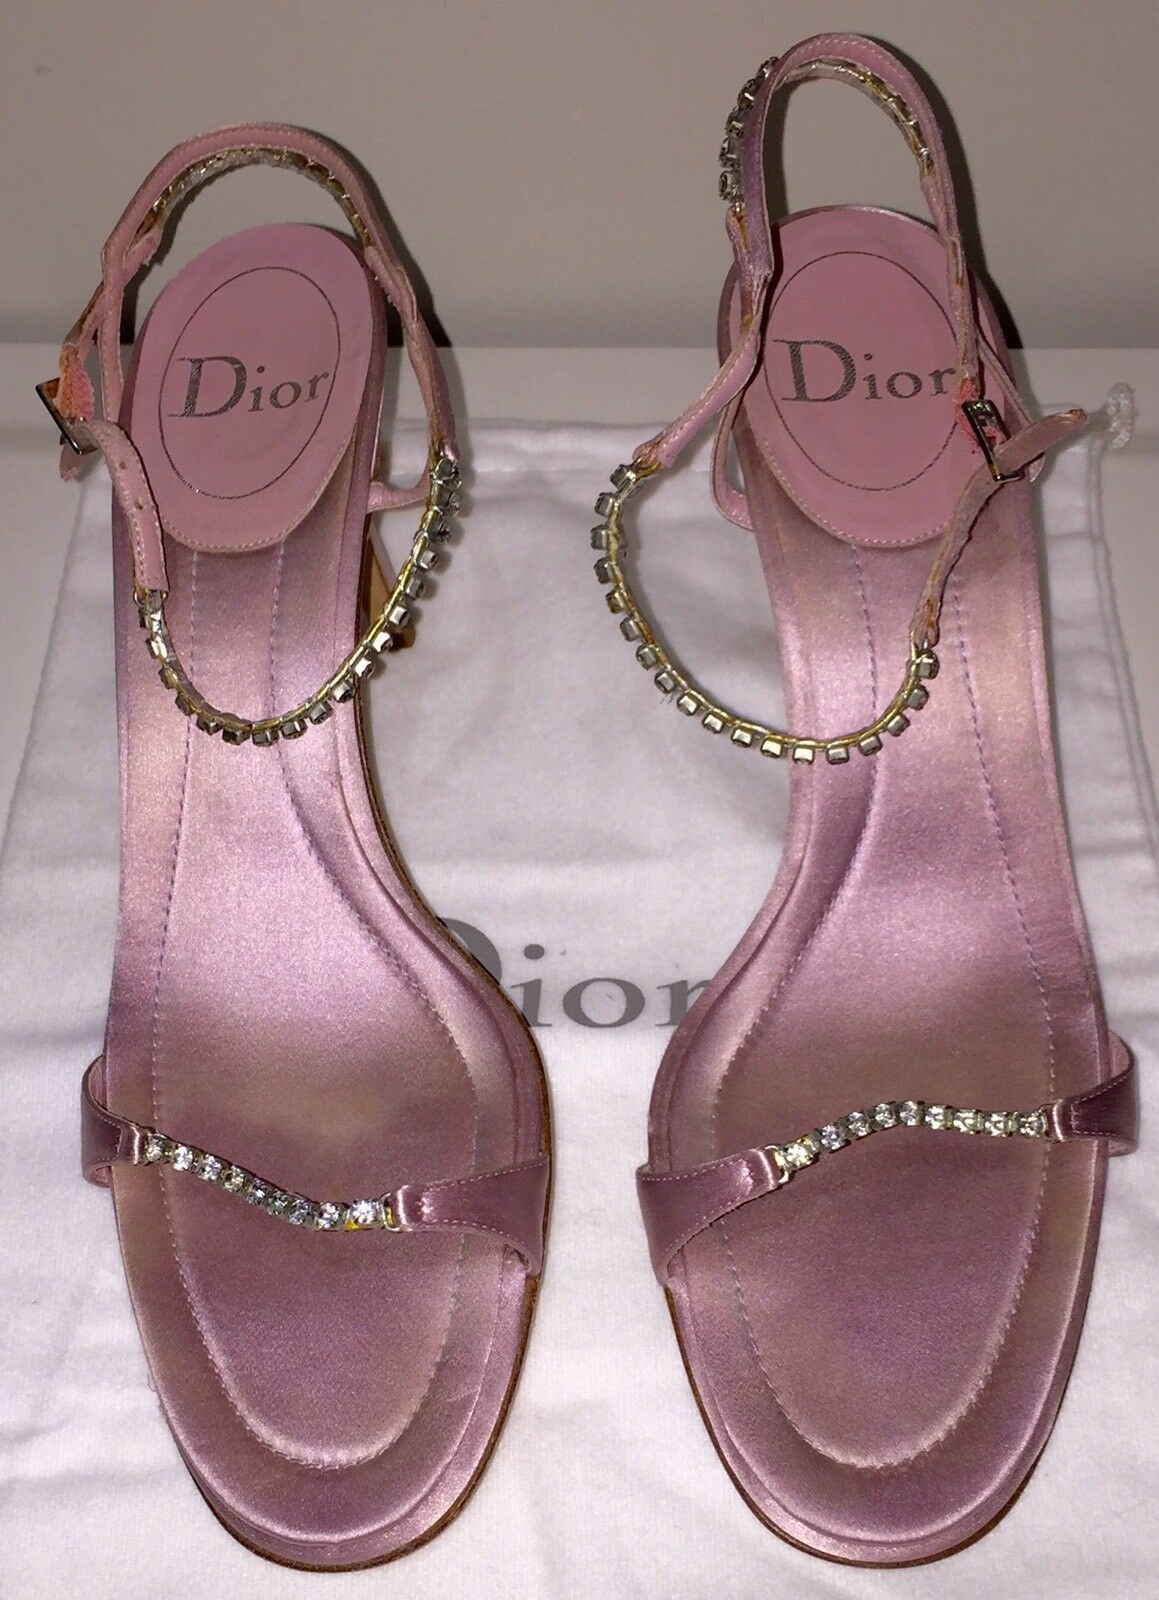 vendita economica DIOR Designer Sandali di raso rosa con con con cristalli Taglia 40.5 EU  vendita calda